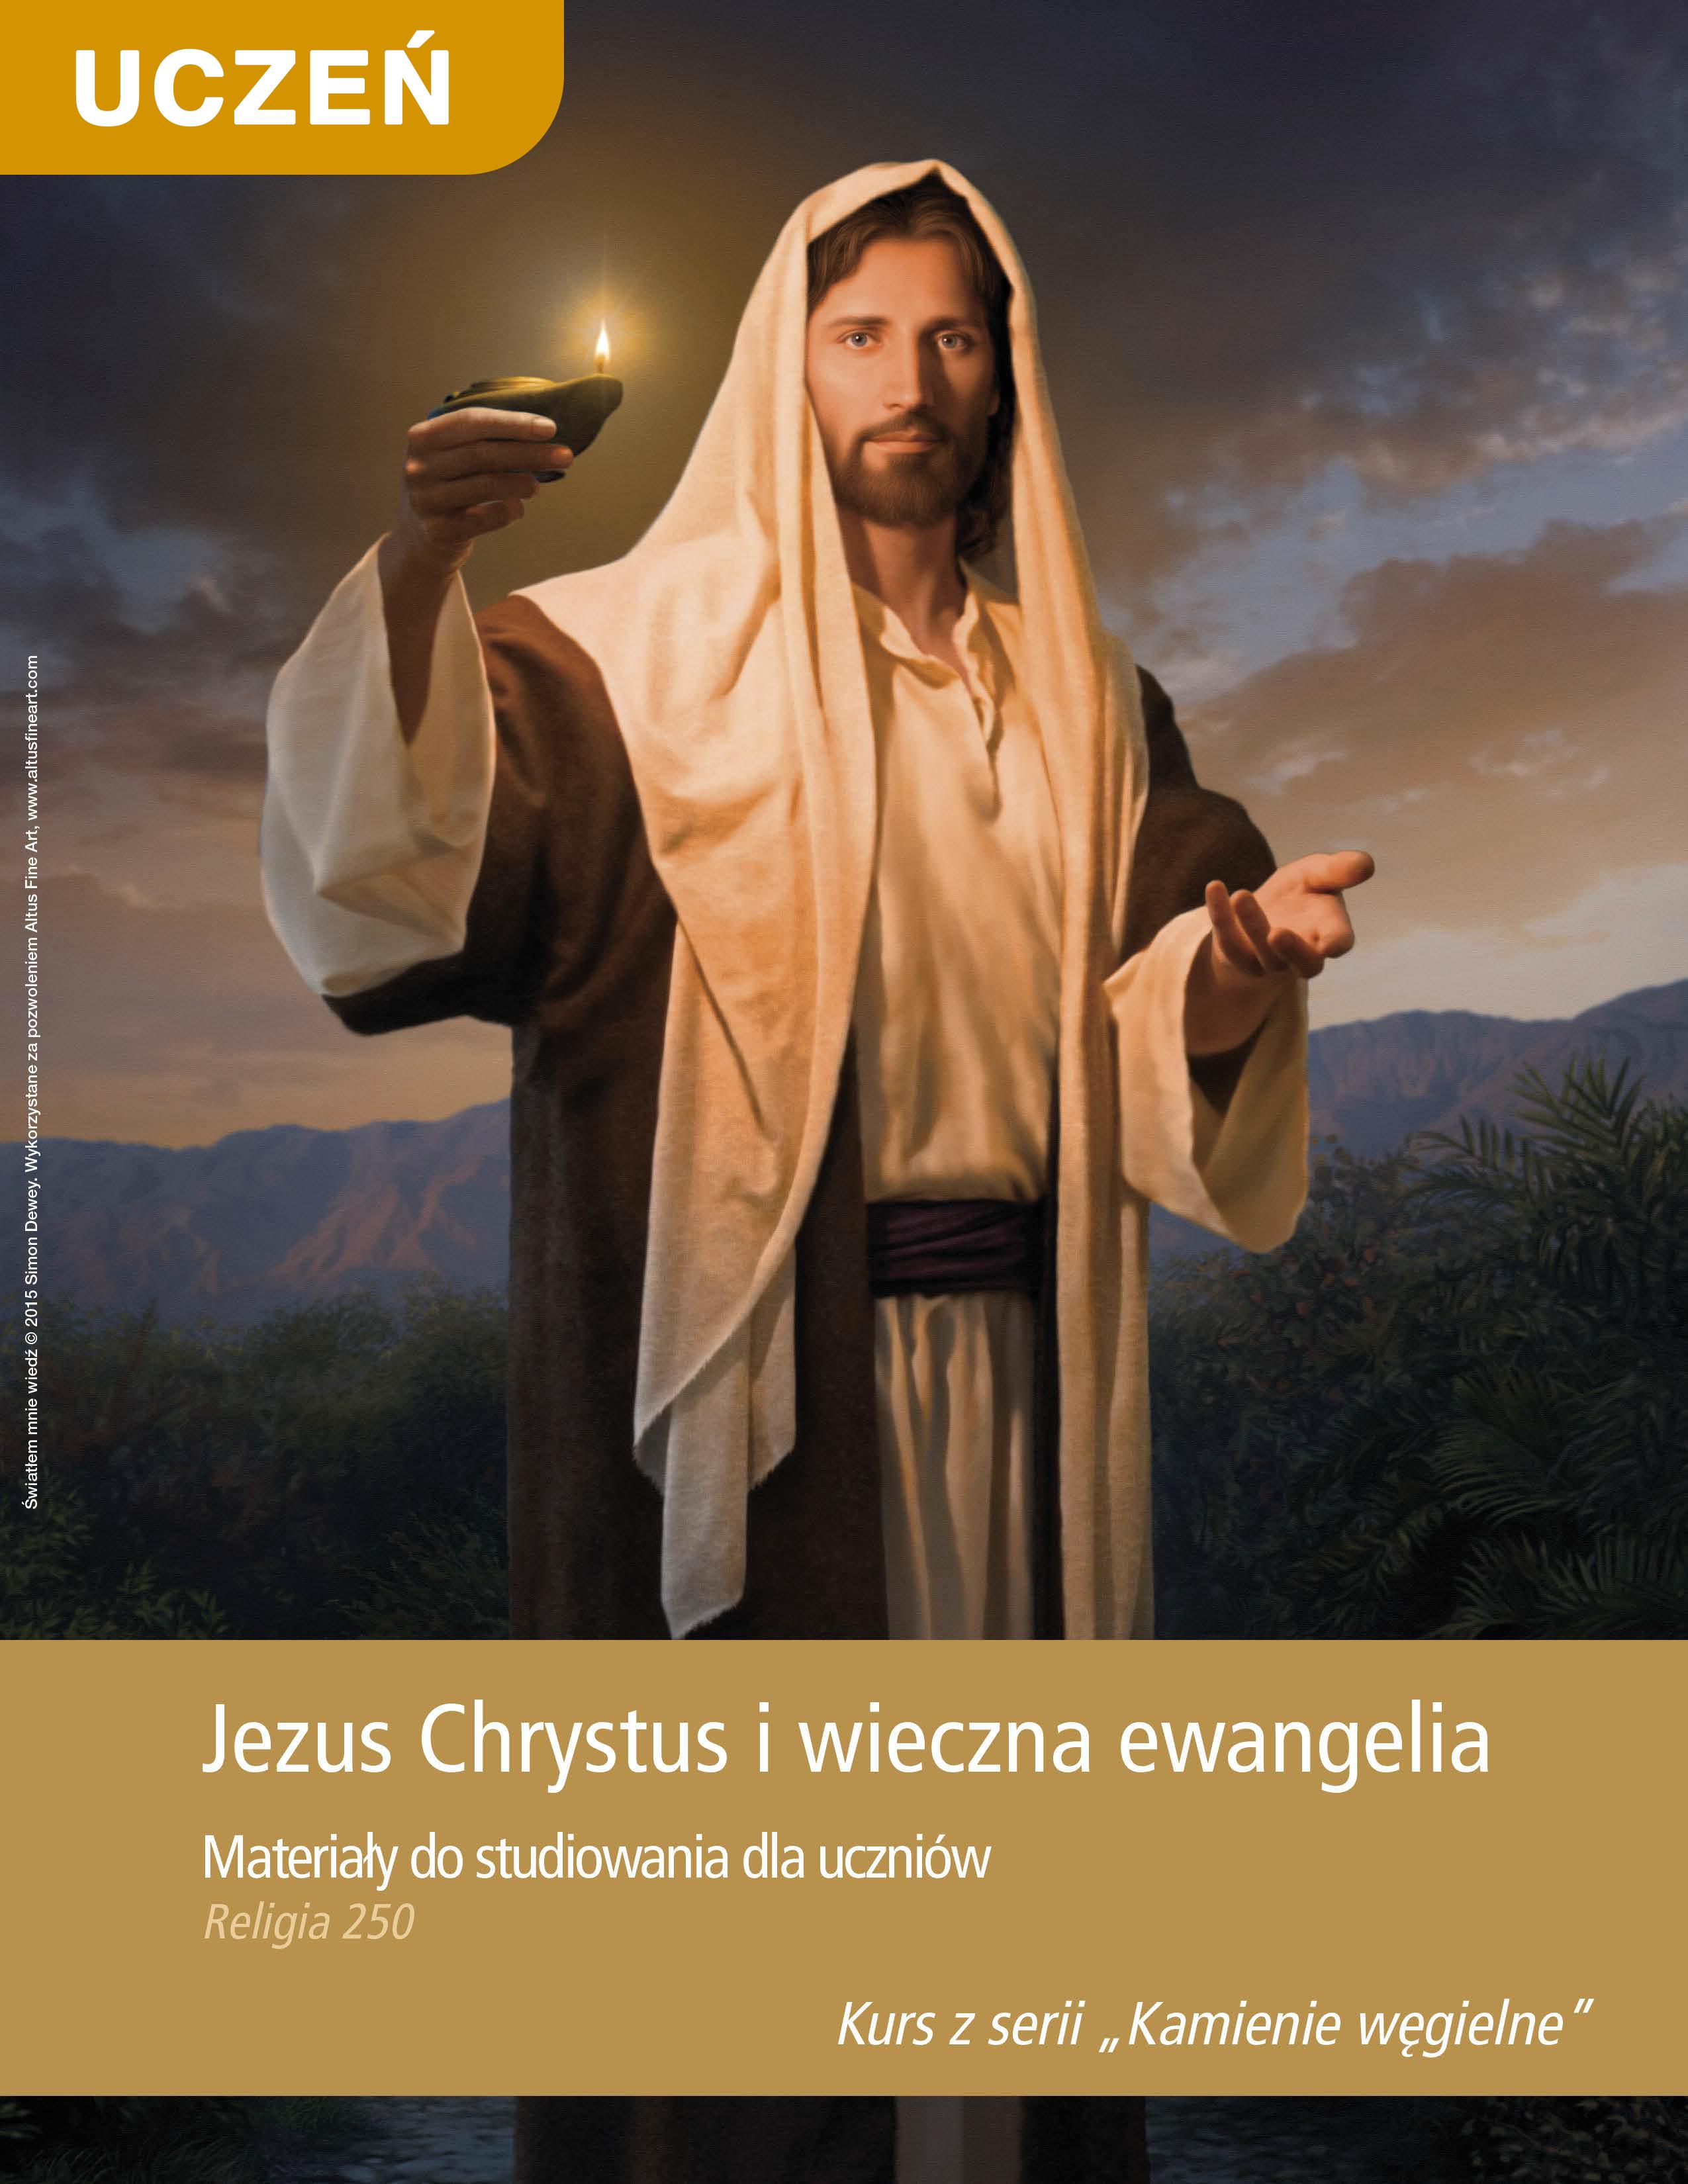 Jezus Chrystus i wieczna ewangelia. Materiały do studiowania dla uczniów (Rel 250)